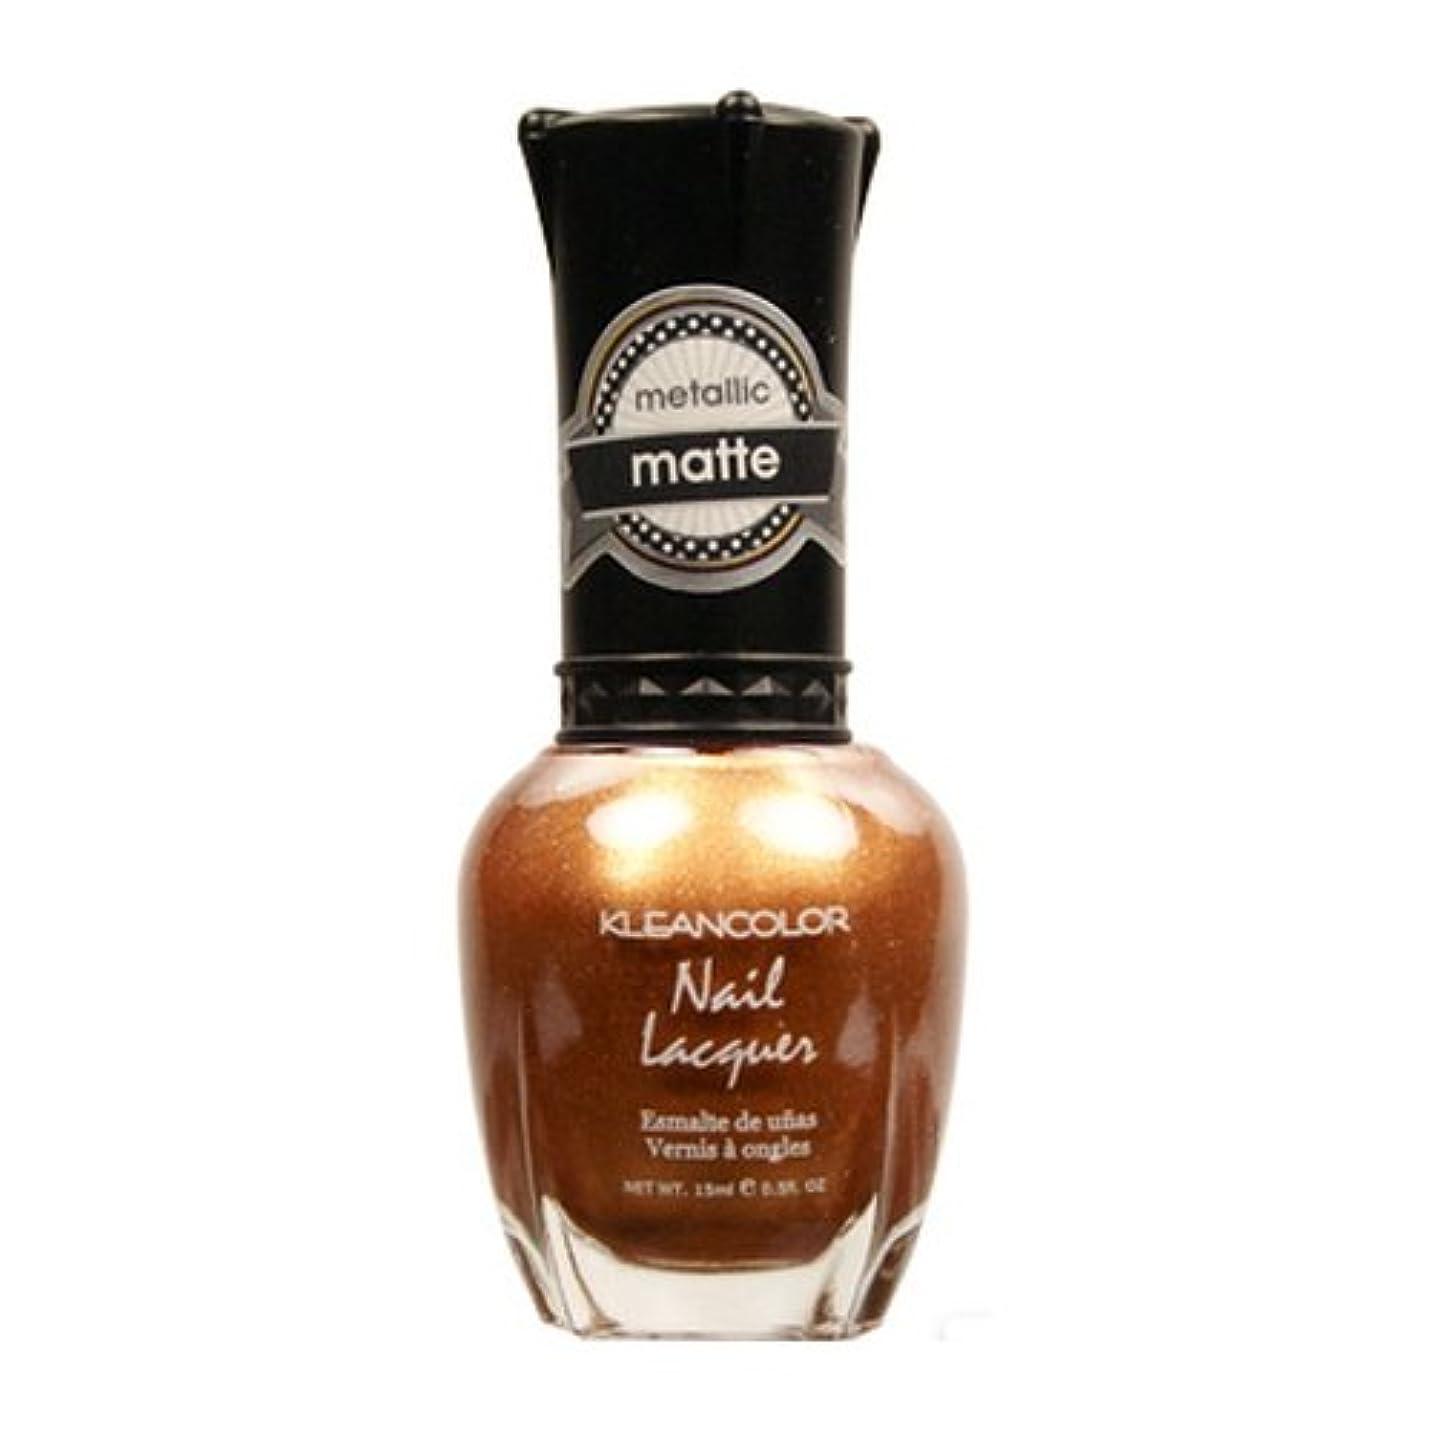 盆診断するレンズ(3 Pack) KLEANCOLOR Matte Nail Lacquer - Life in Gold Castle (並行輸入品)